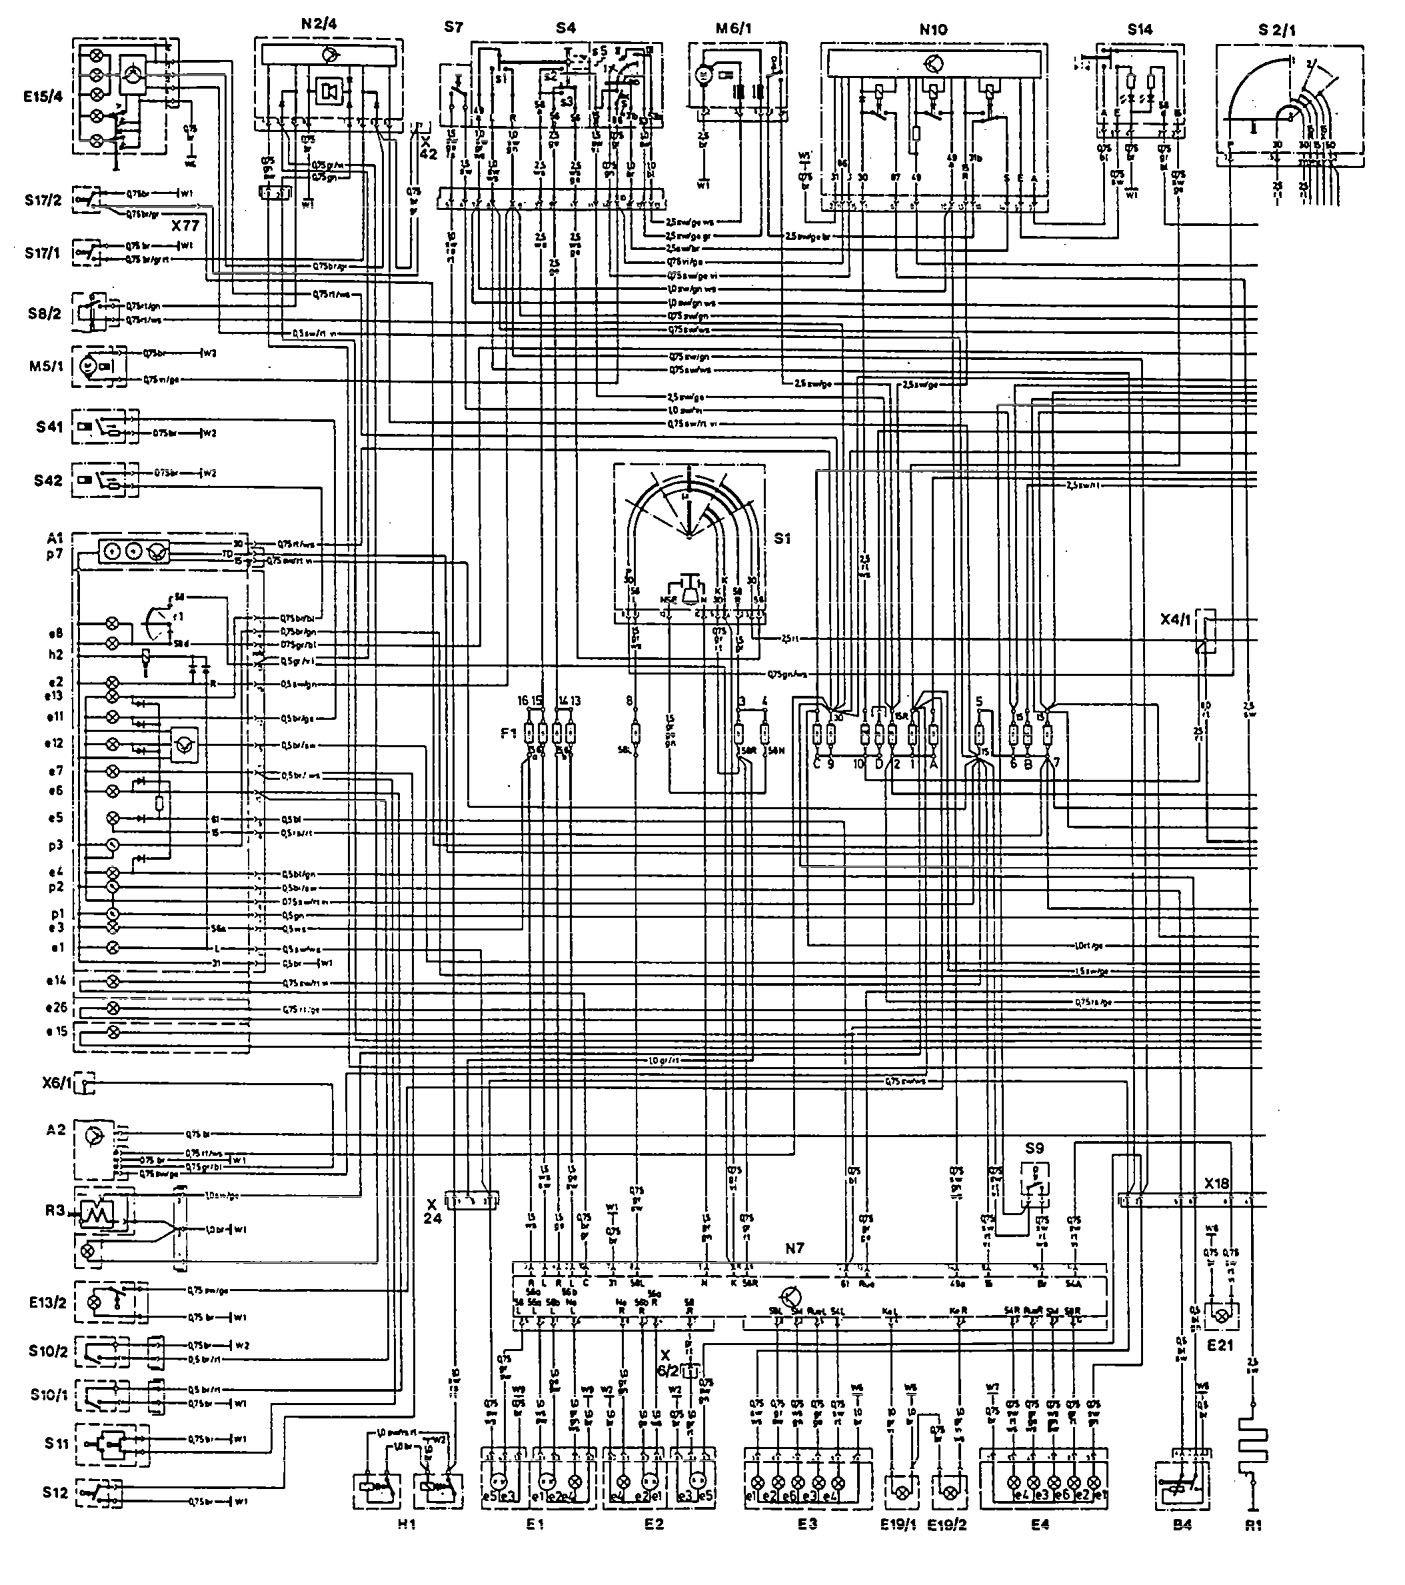 MK_9465] 1993 Georgie Boy Wiring Diagram Wiring DiagramNorab Props Ntnes Vira Mohammedshrine Librar Wiring 101